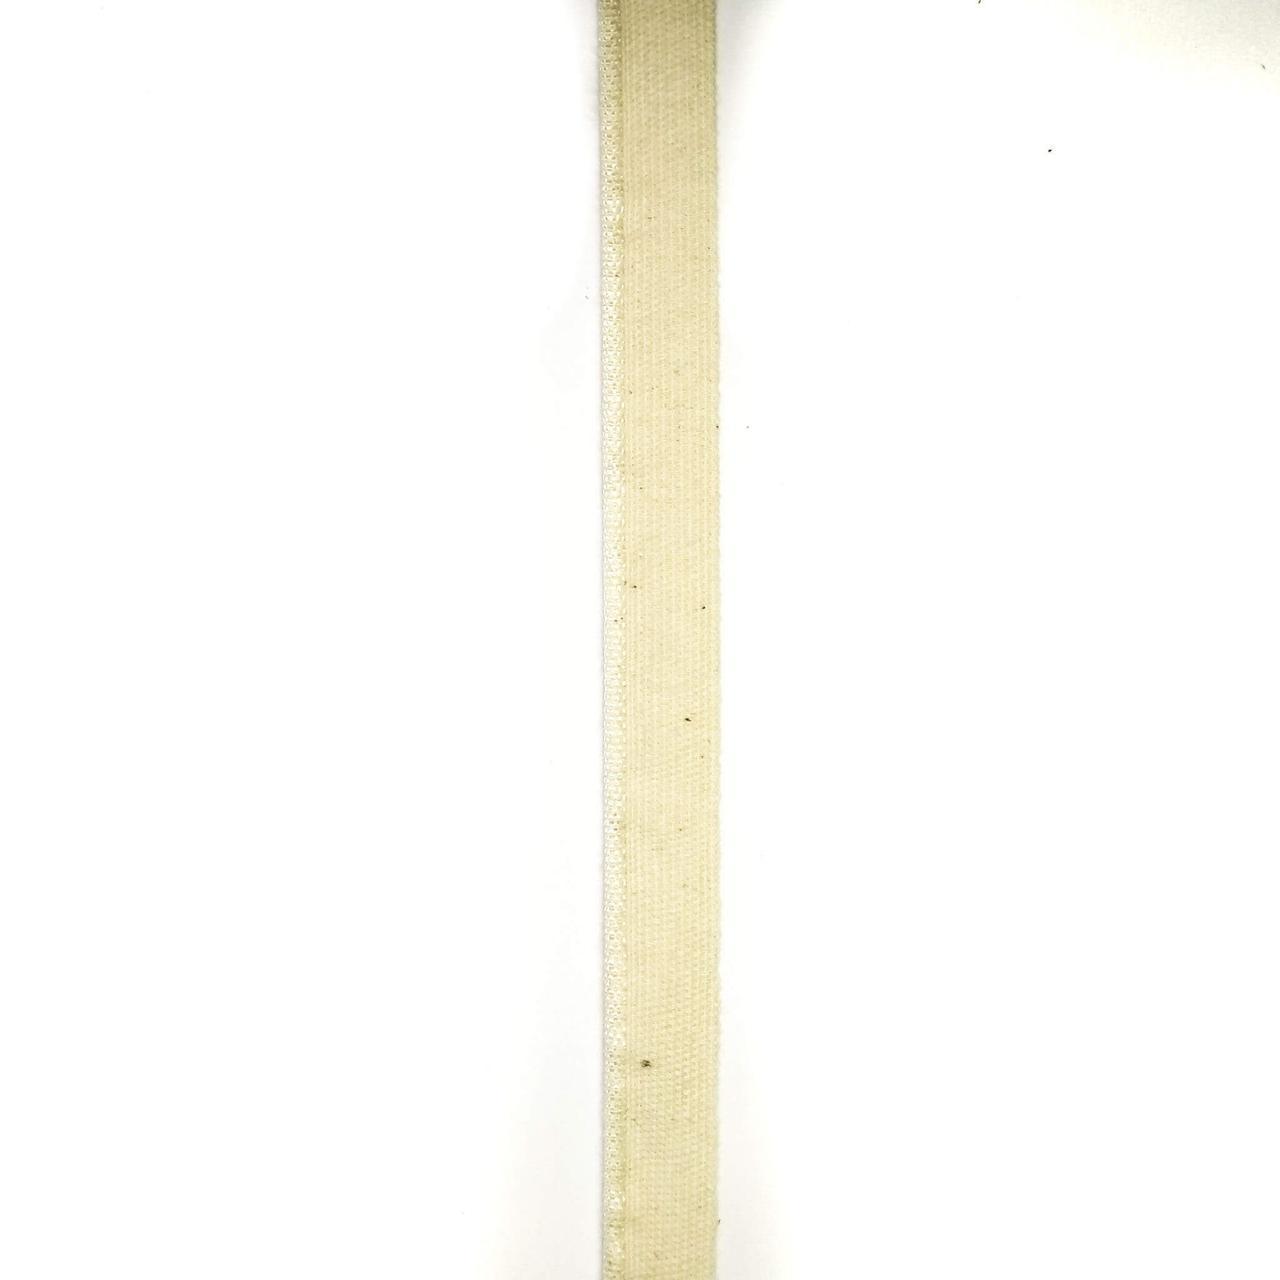 Лента каптал бортик полиэстер 14 мм (200м/рулон)